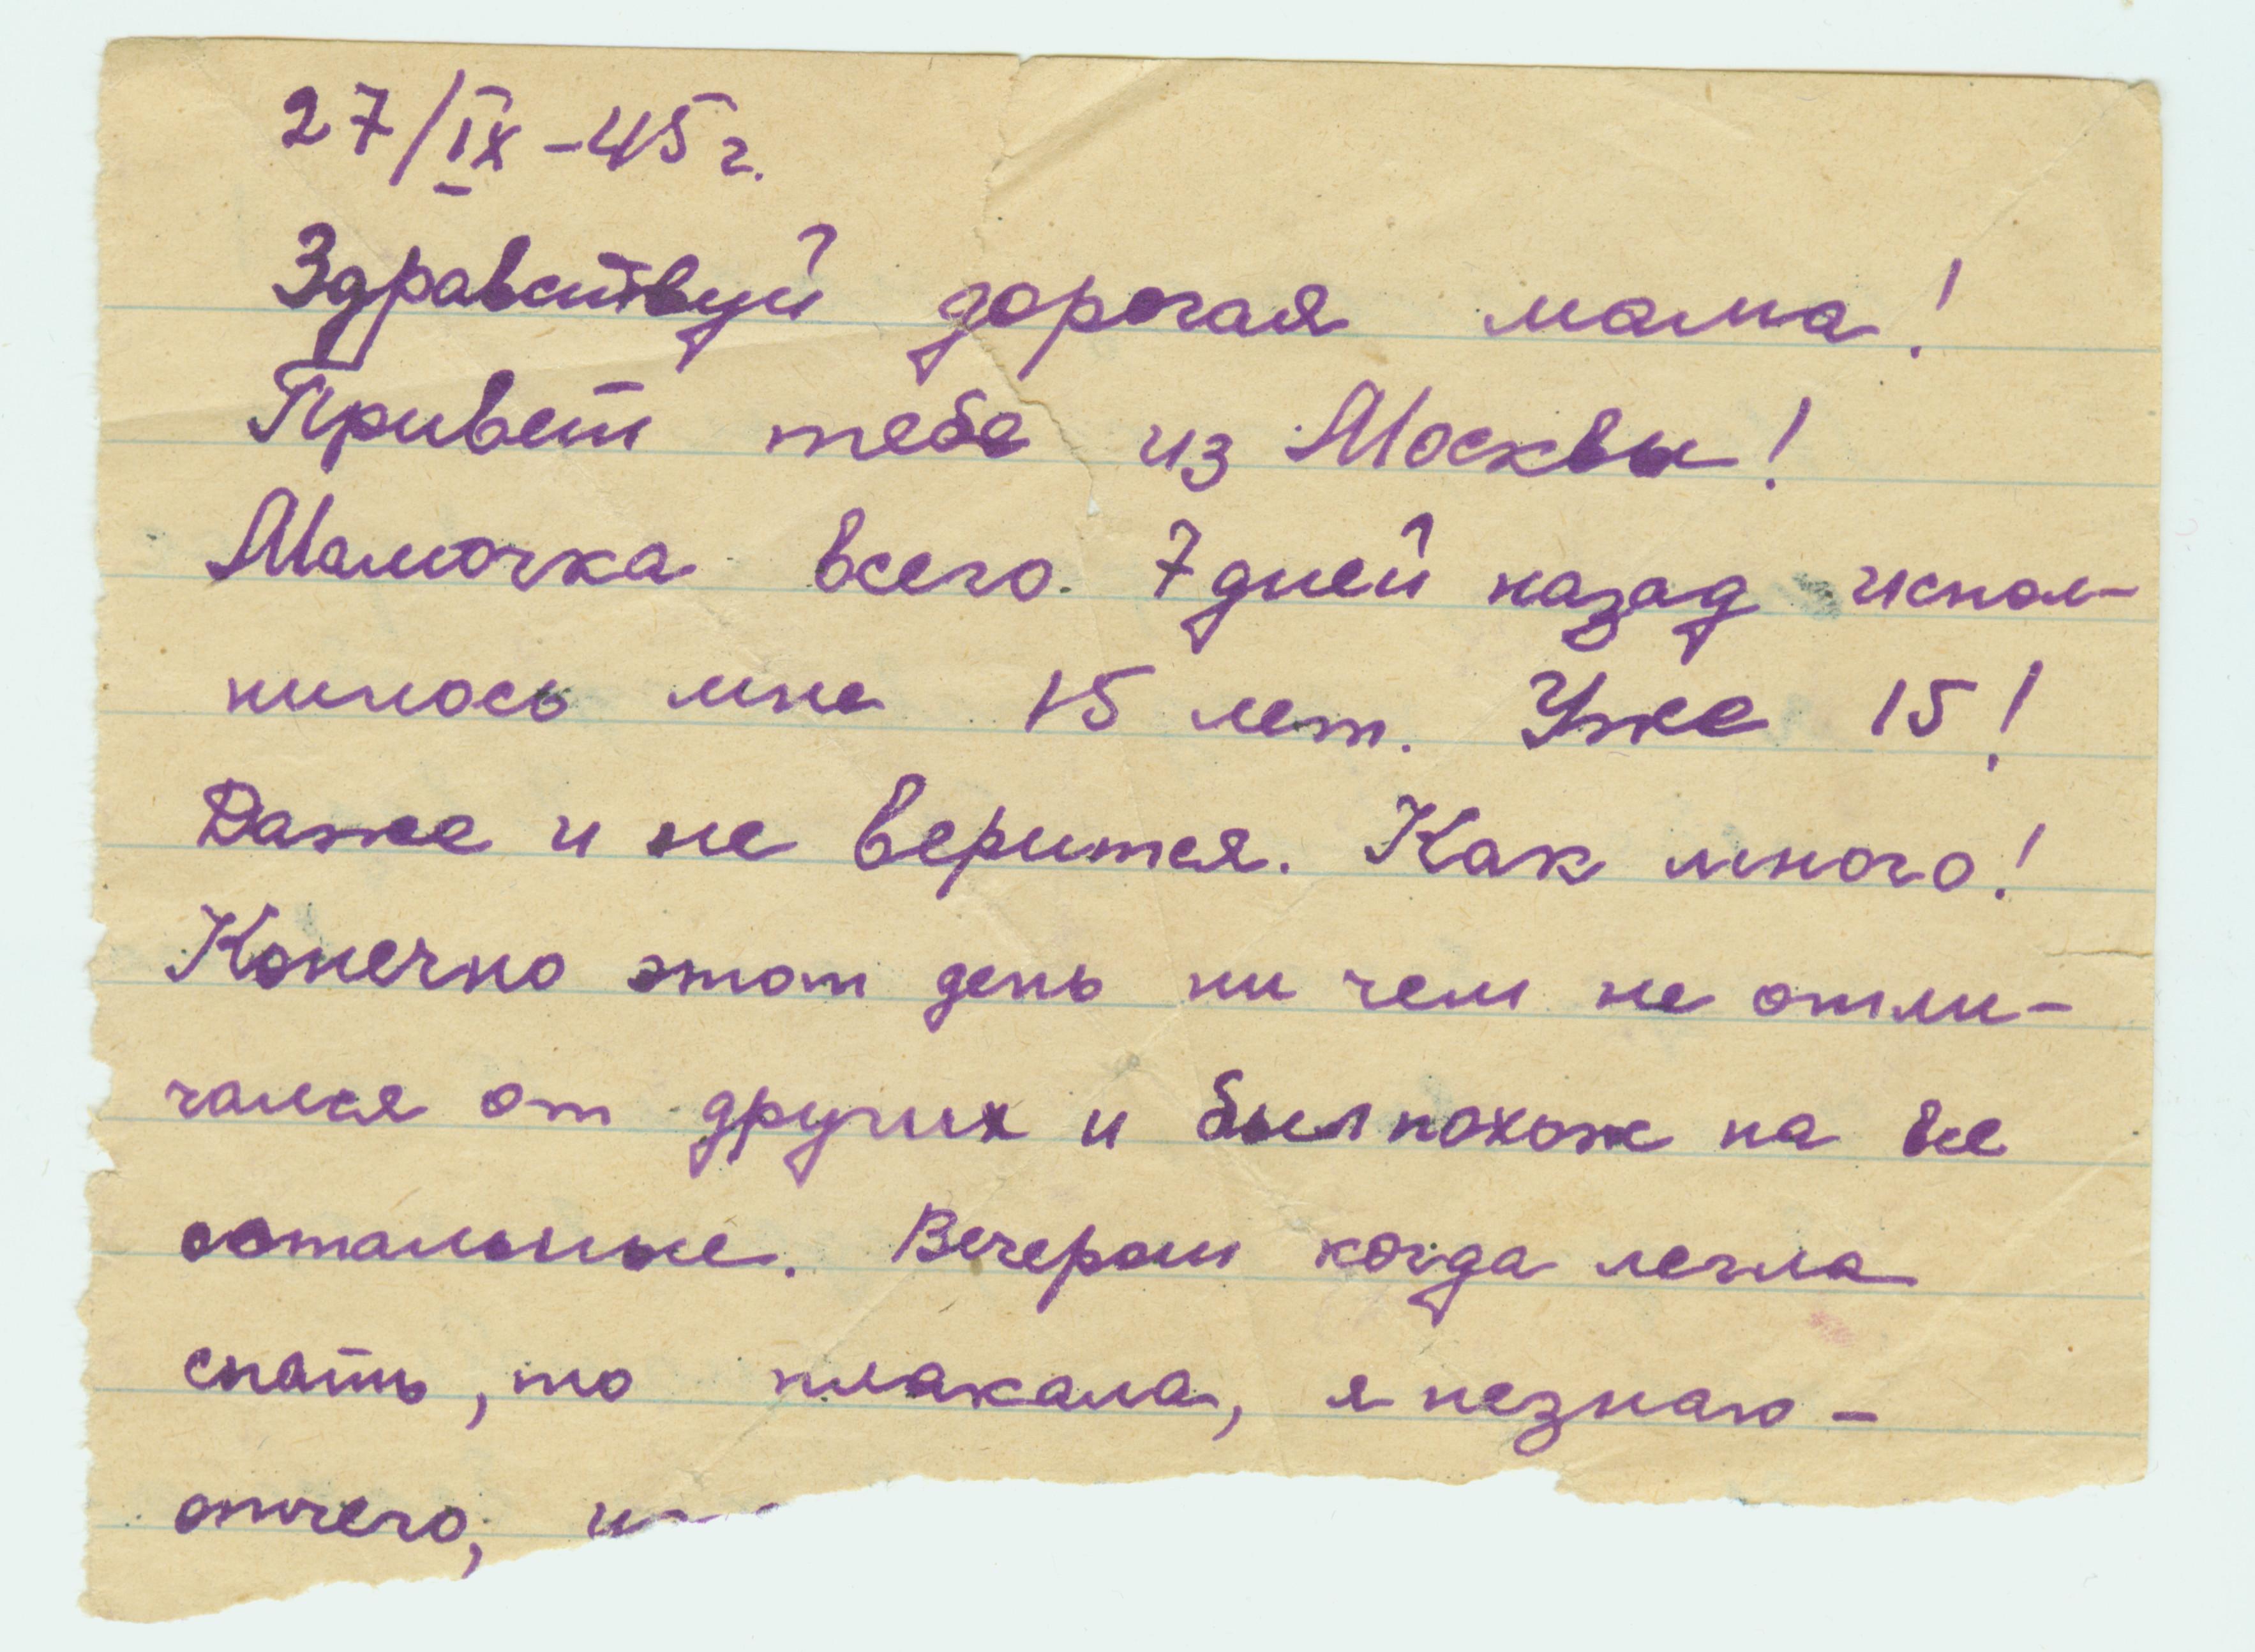 Письмо Виолы Голлендер своей матери в АЛЖИР. Фото: архив «Мемориала»